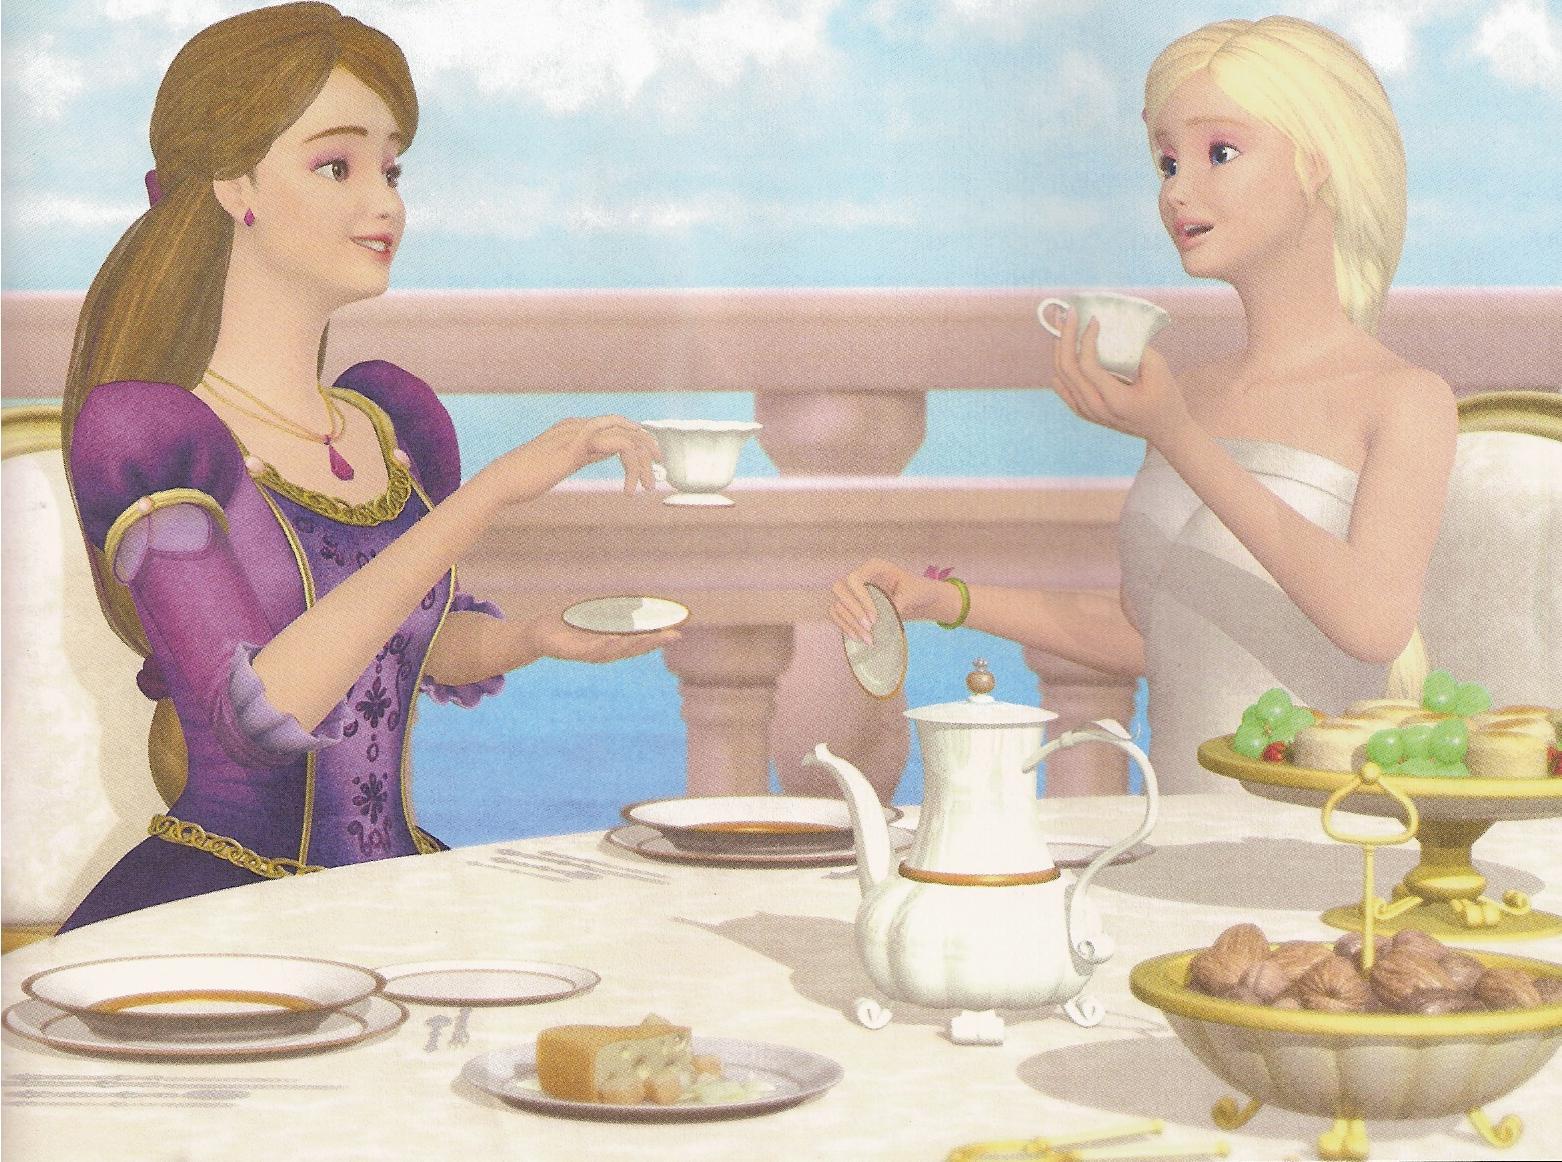 Barbie upravil Ostrovní princezna - Barbie - editovat - - Ostrov - princezna foto